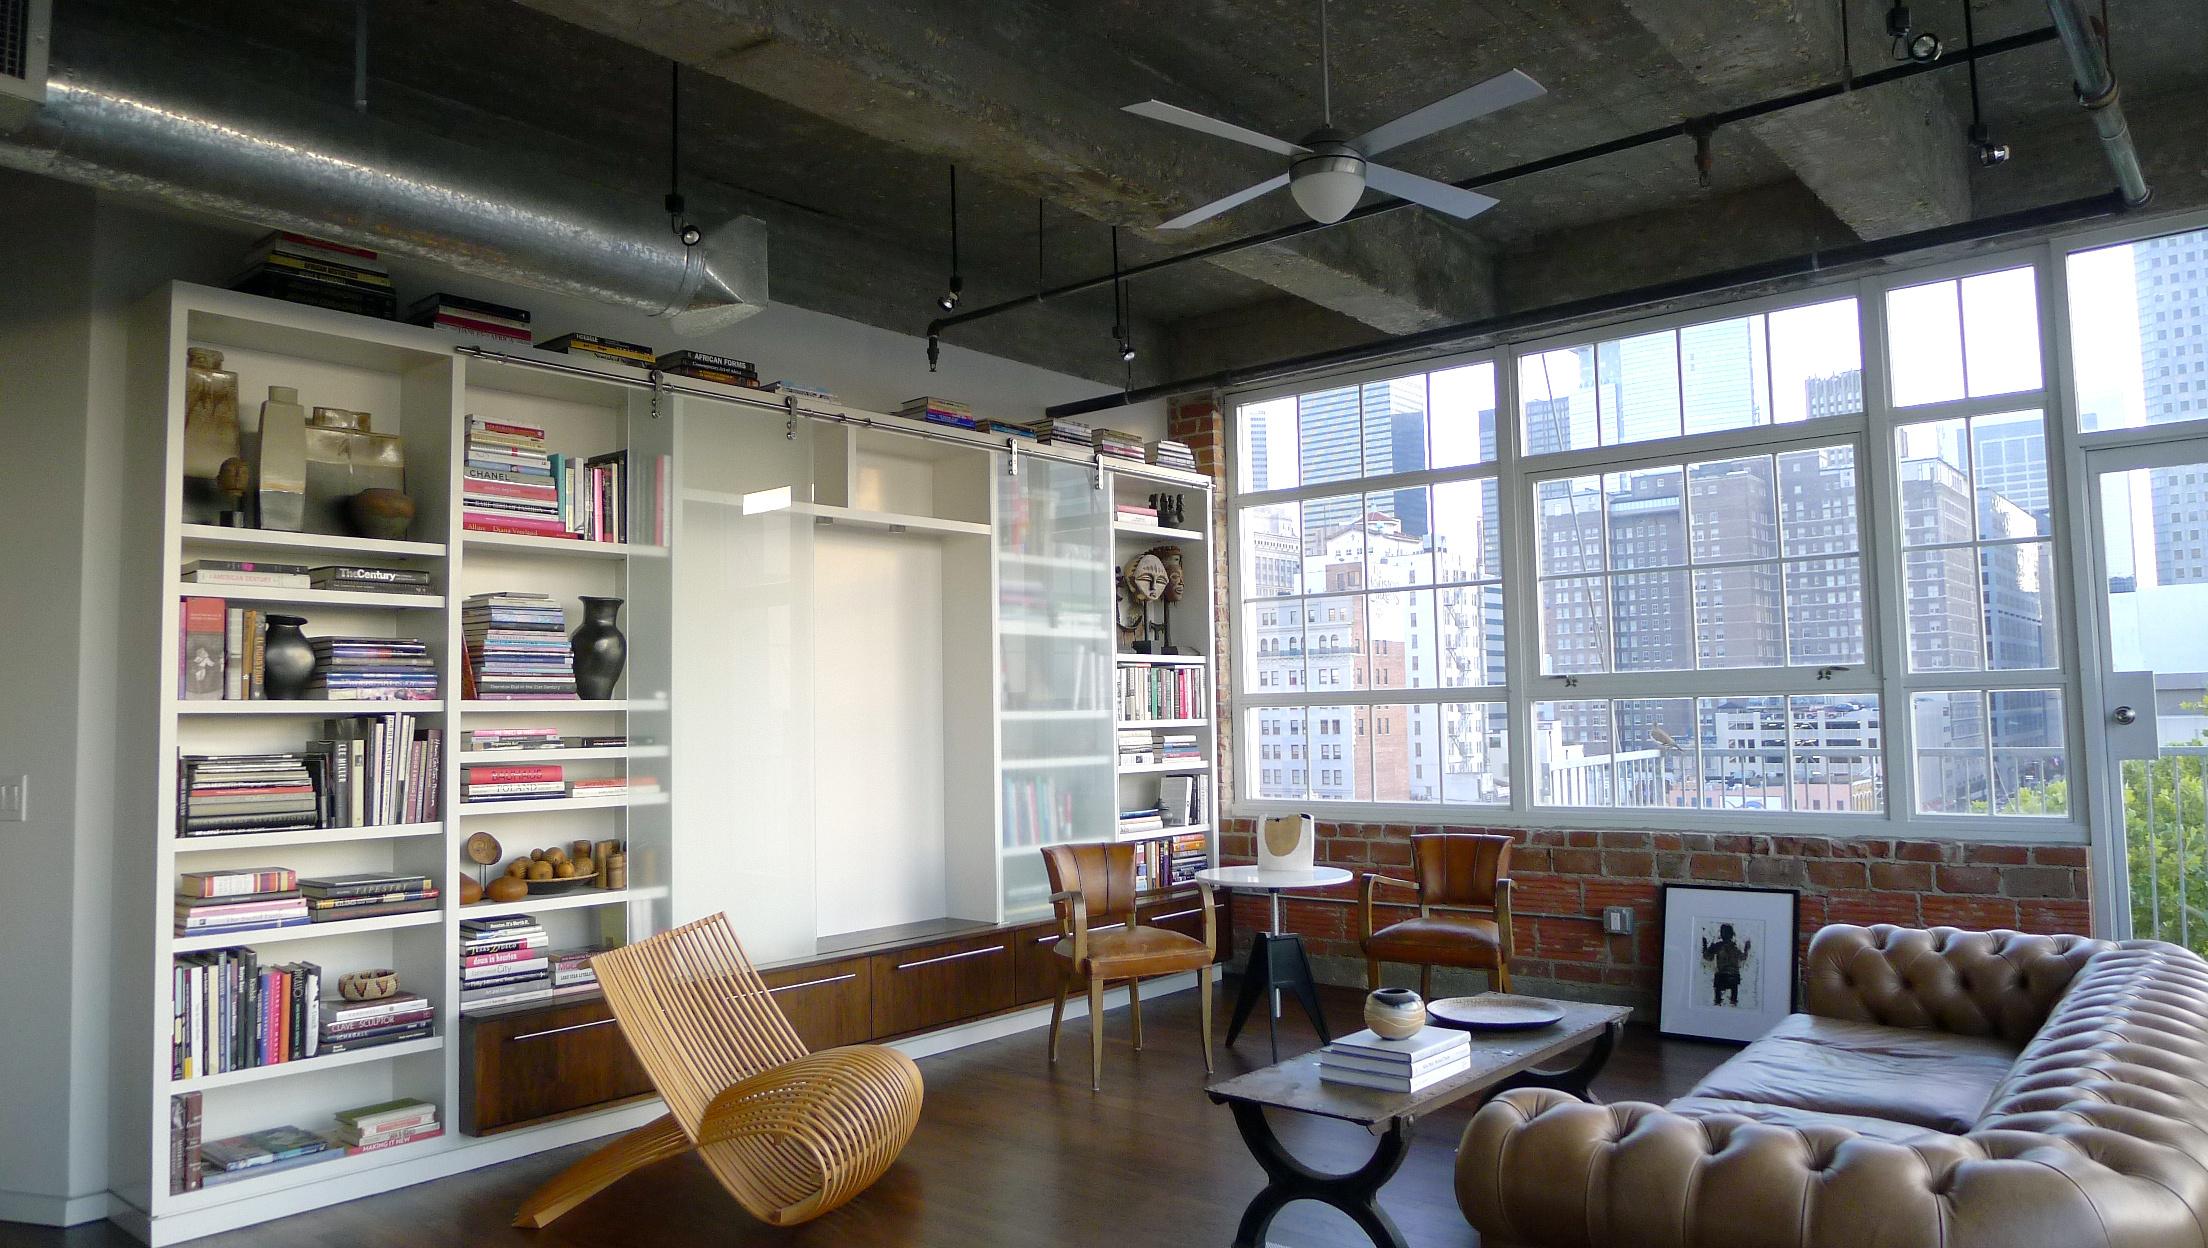 Hintergrundbilder : Wohnungen, Gebäude, Zimmer, Innere, Bibliothek ...